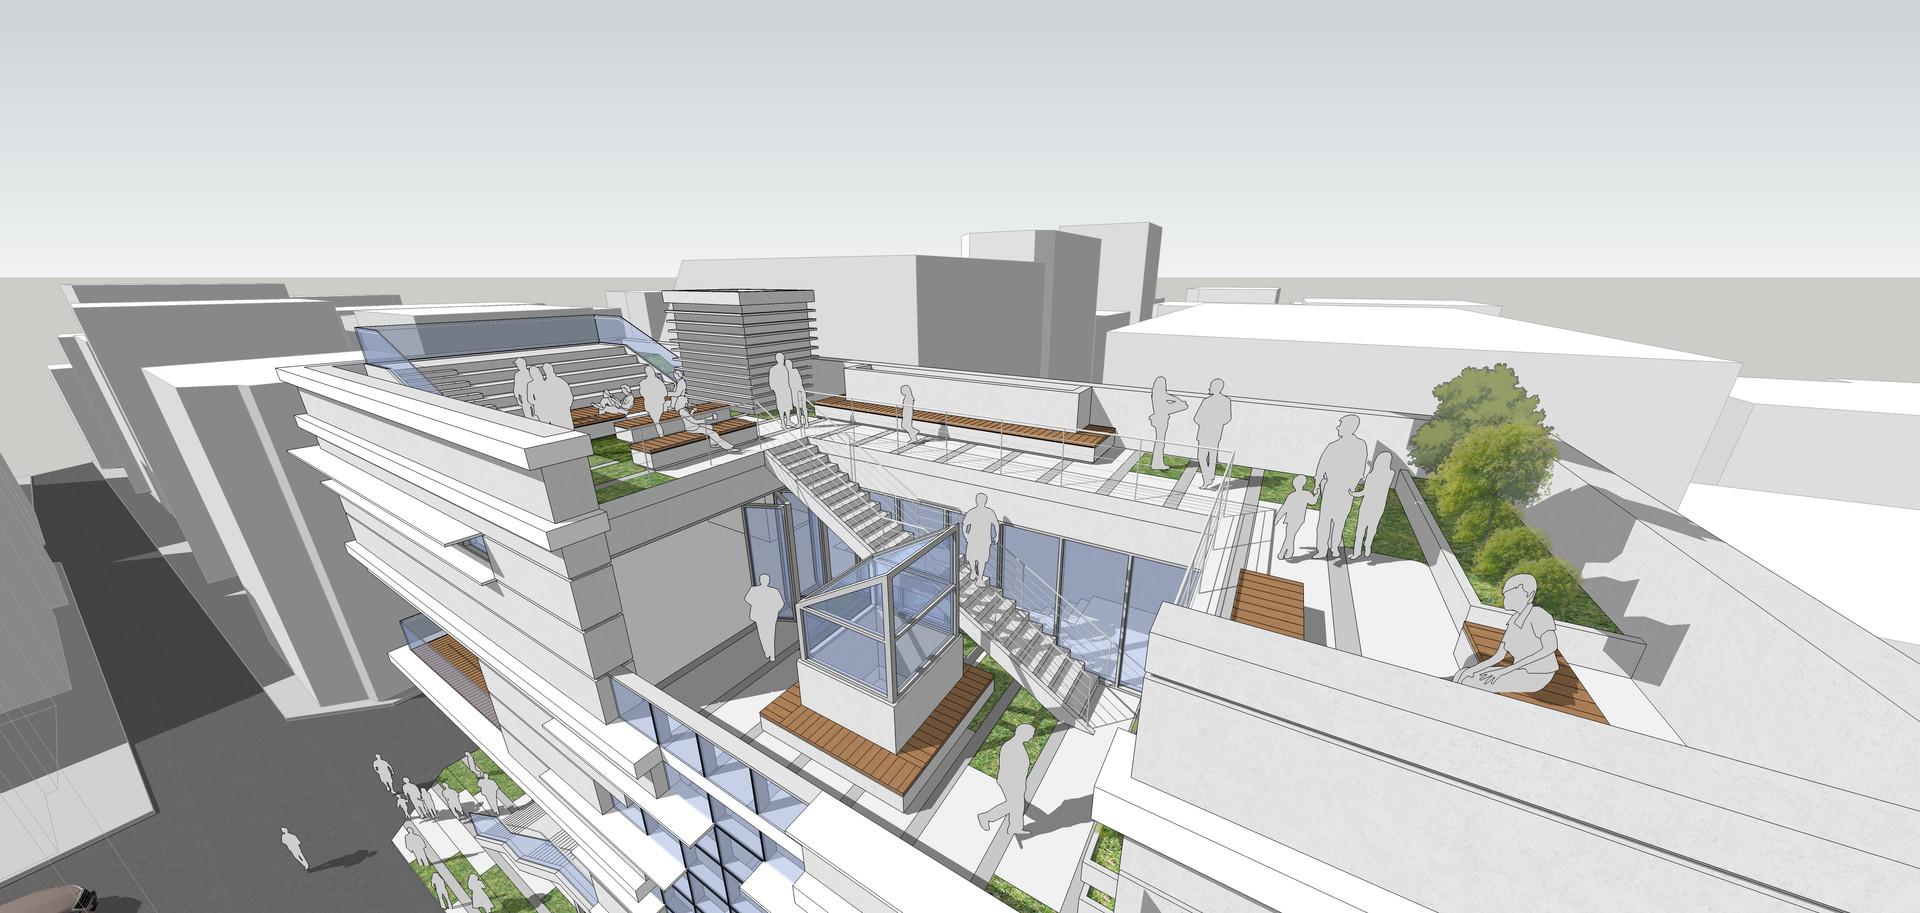 roof garden-1.jpg